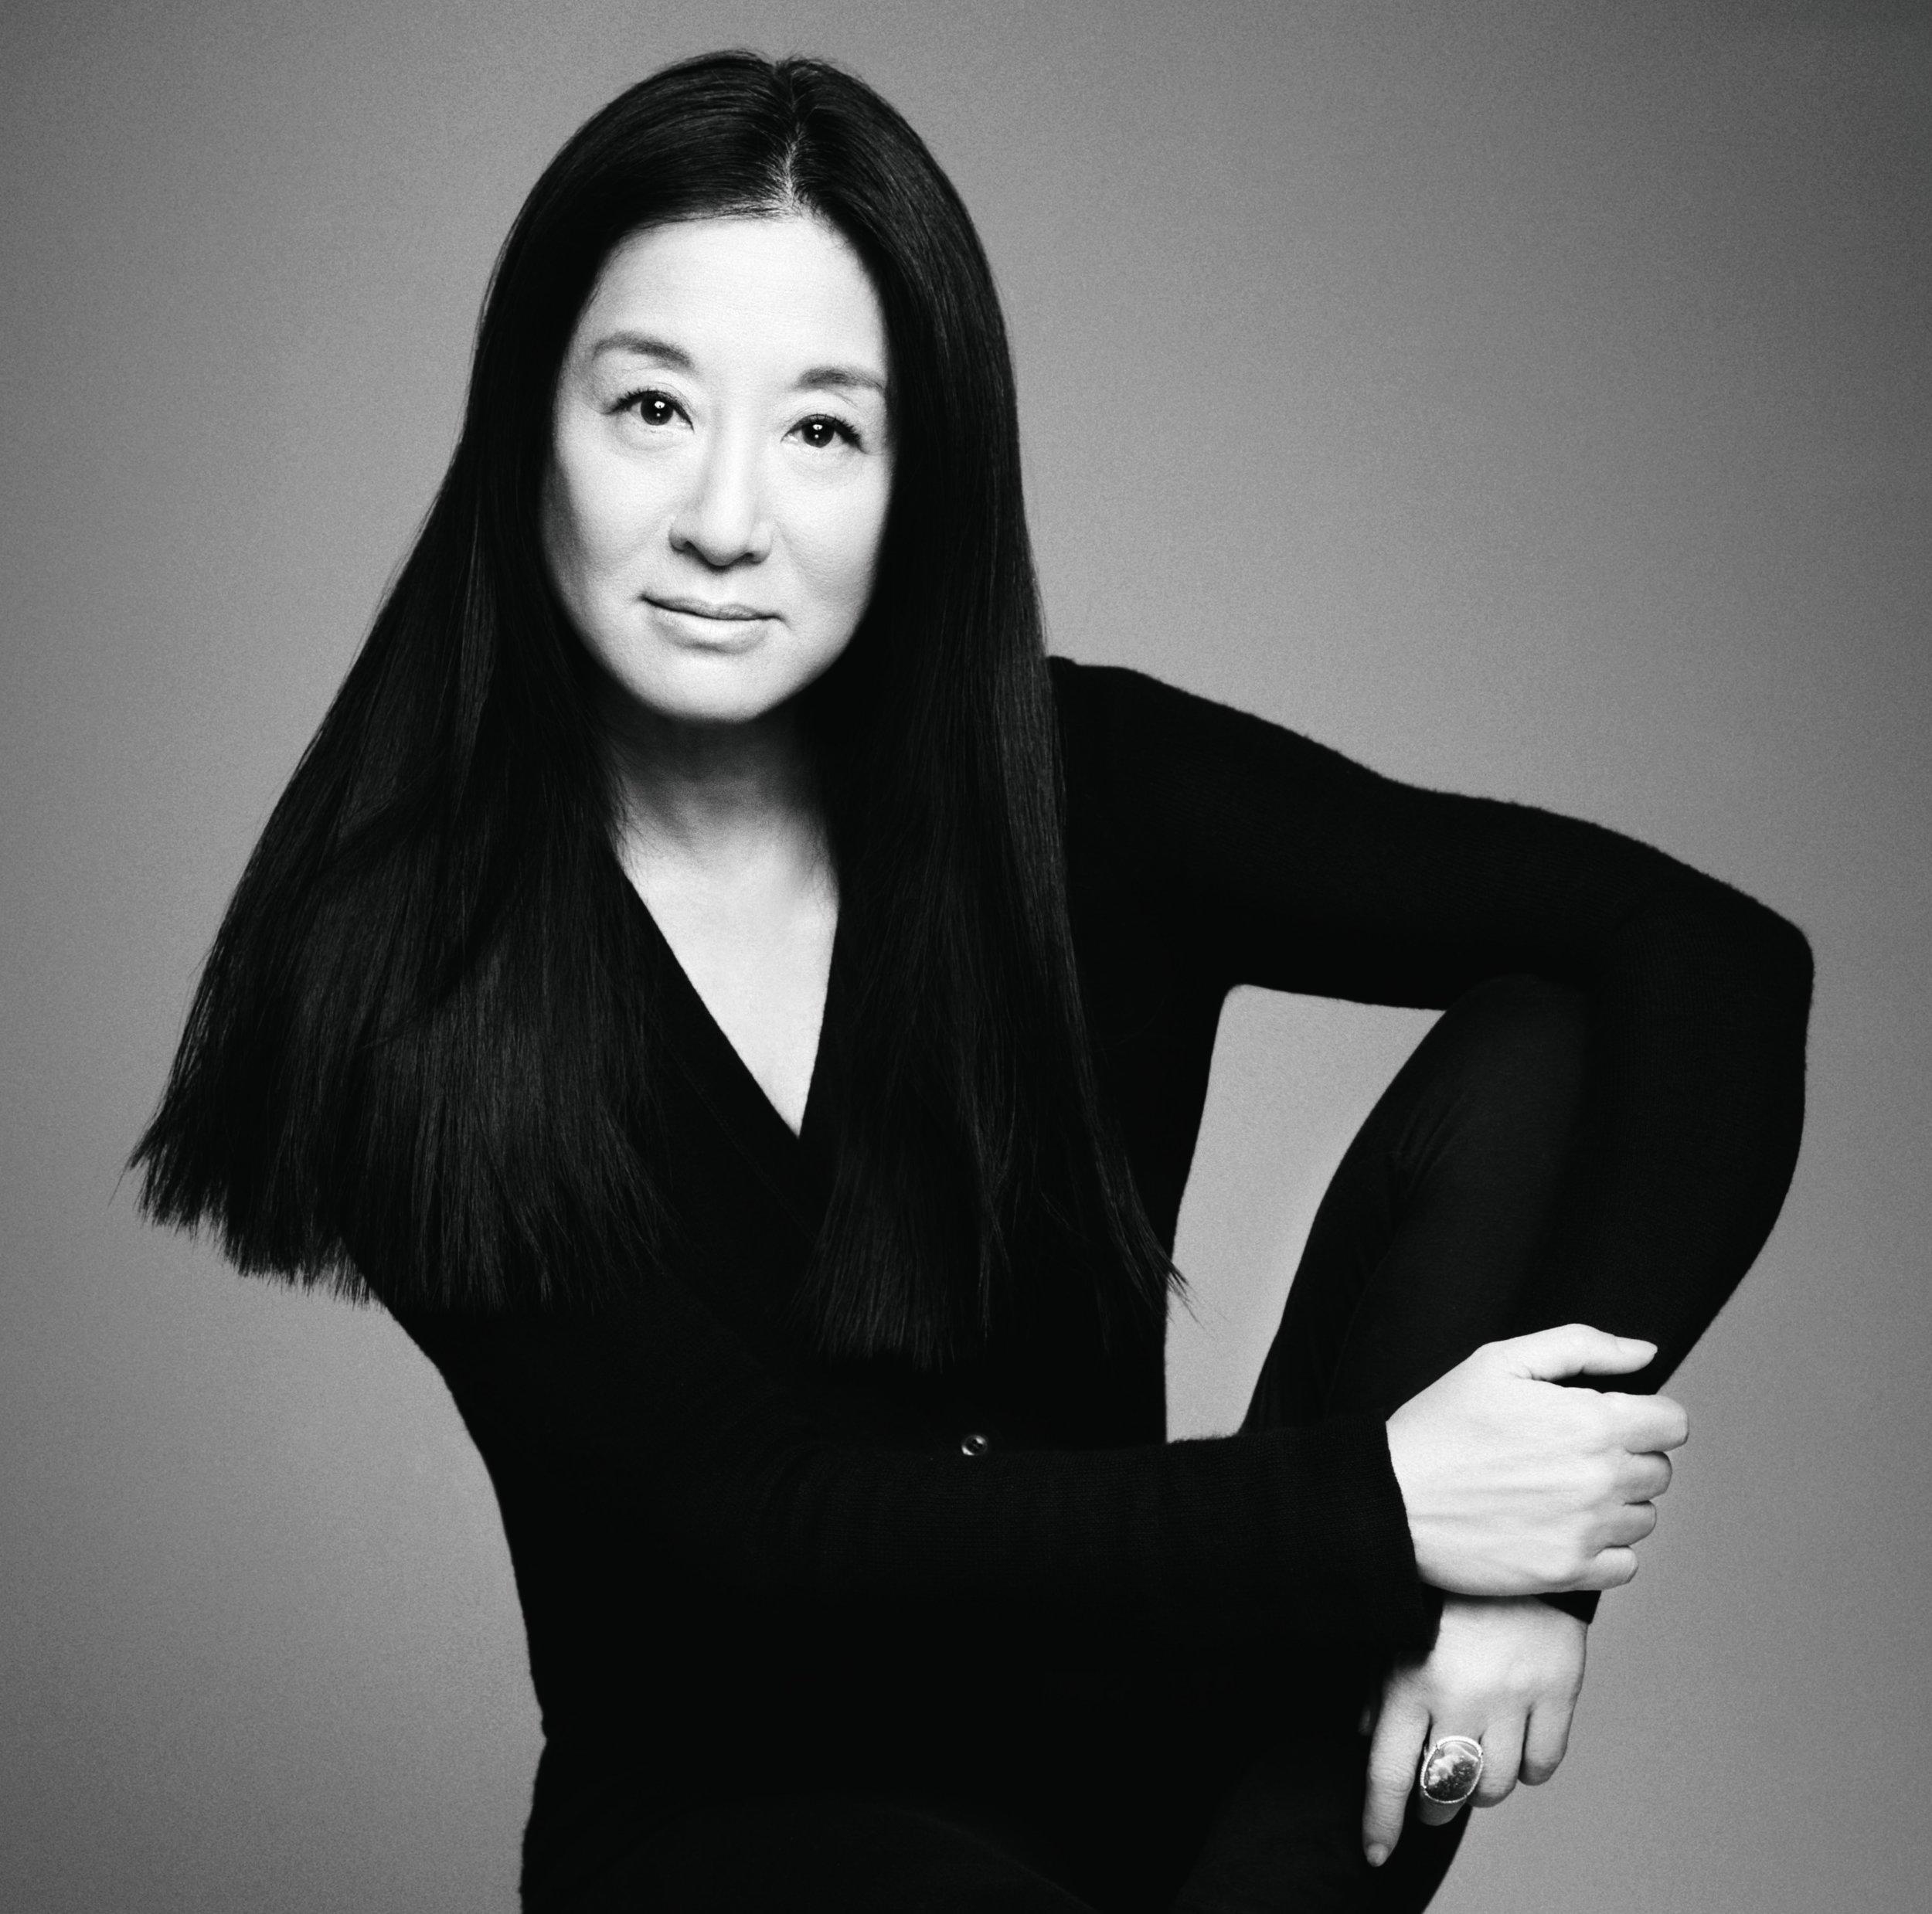 美国著名华人时装设计师Vera Wang 王薇薇